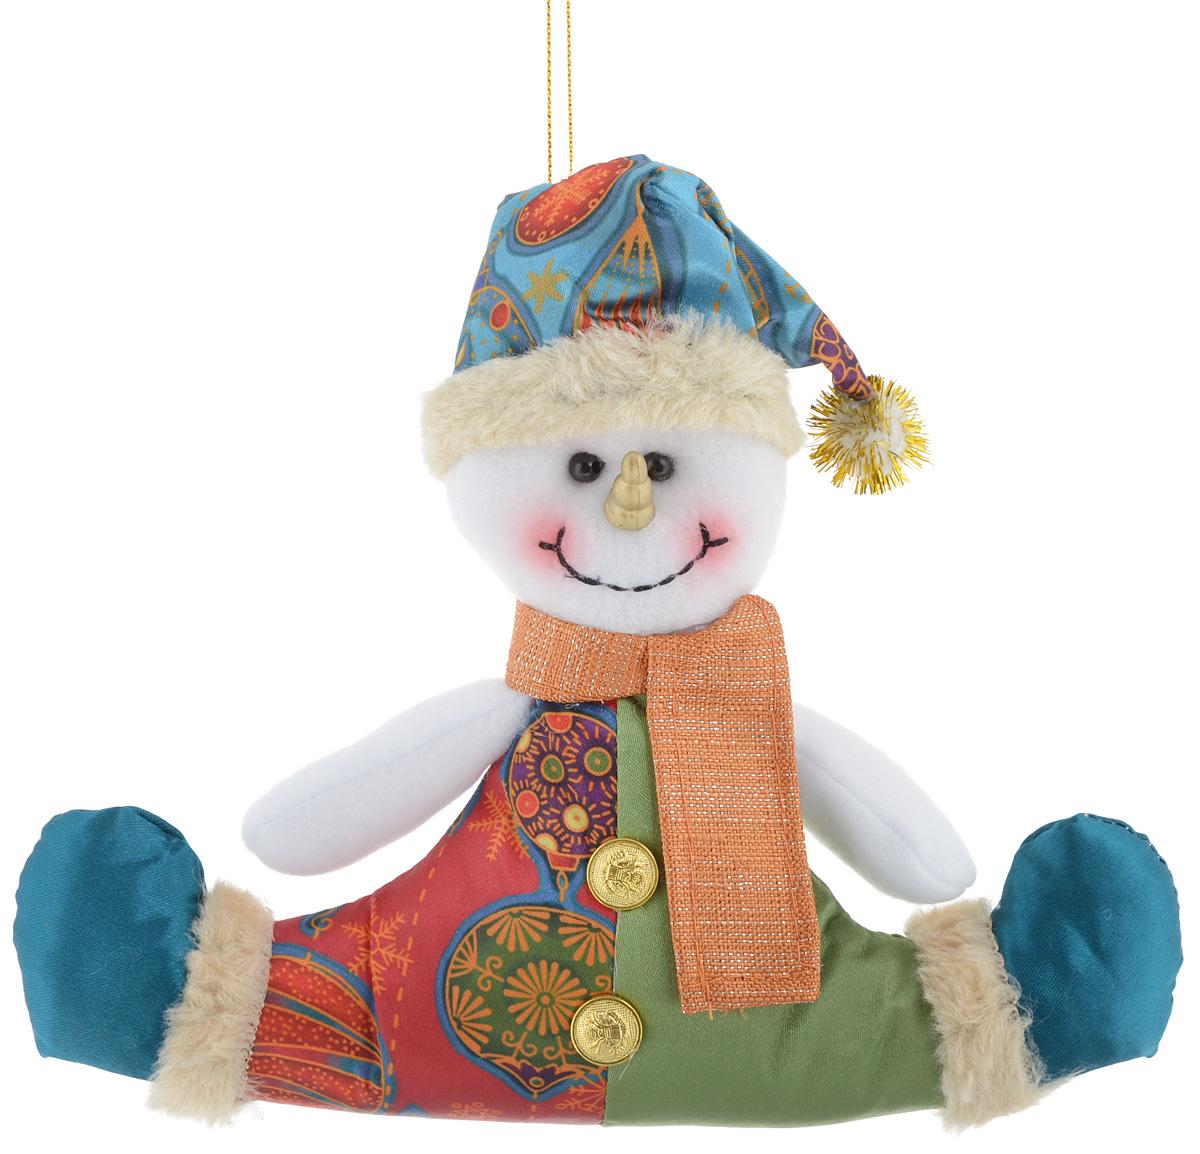 Украшение новогоднее подвесное Win Max Снеговик, 17 х 20,5 смML15240RНовогоднее подвесное украшение Win Max Снеговик, выполненное из синтепона и текстиля, прекрасно подойдет для праздничного декора дома. С помощью специальной петельки украшение можно подвесить в любом понравившемся вам месте. Новогодние украшения несут в себе волшебство и красоту праздника. Они помогут вам украсить дом к предстоящим праздникам и оживить интерьер по вашему вкусу. Создайте в доме атмосферу тепла, веселья и радости, украшая его всей семьей.